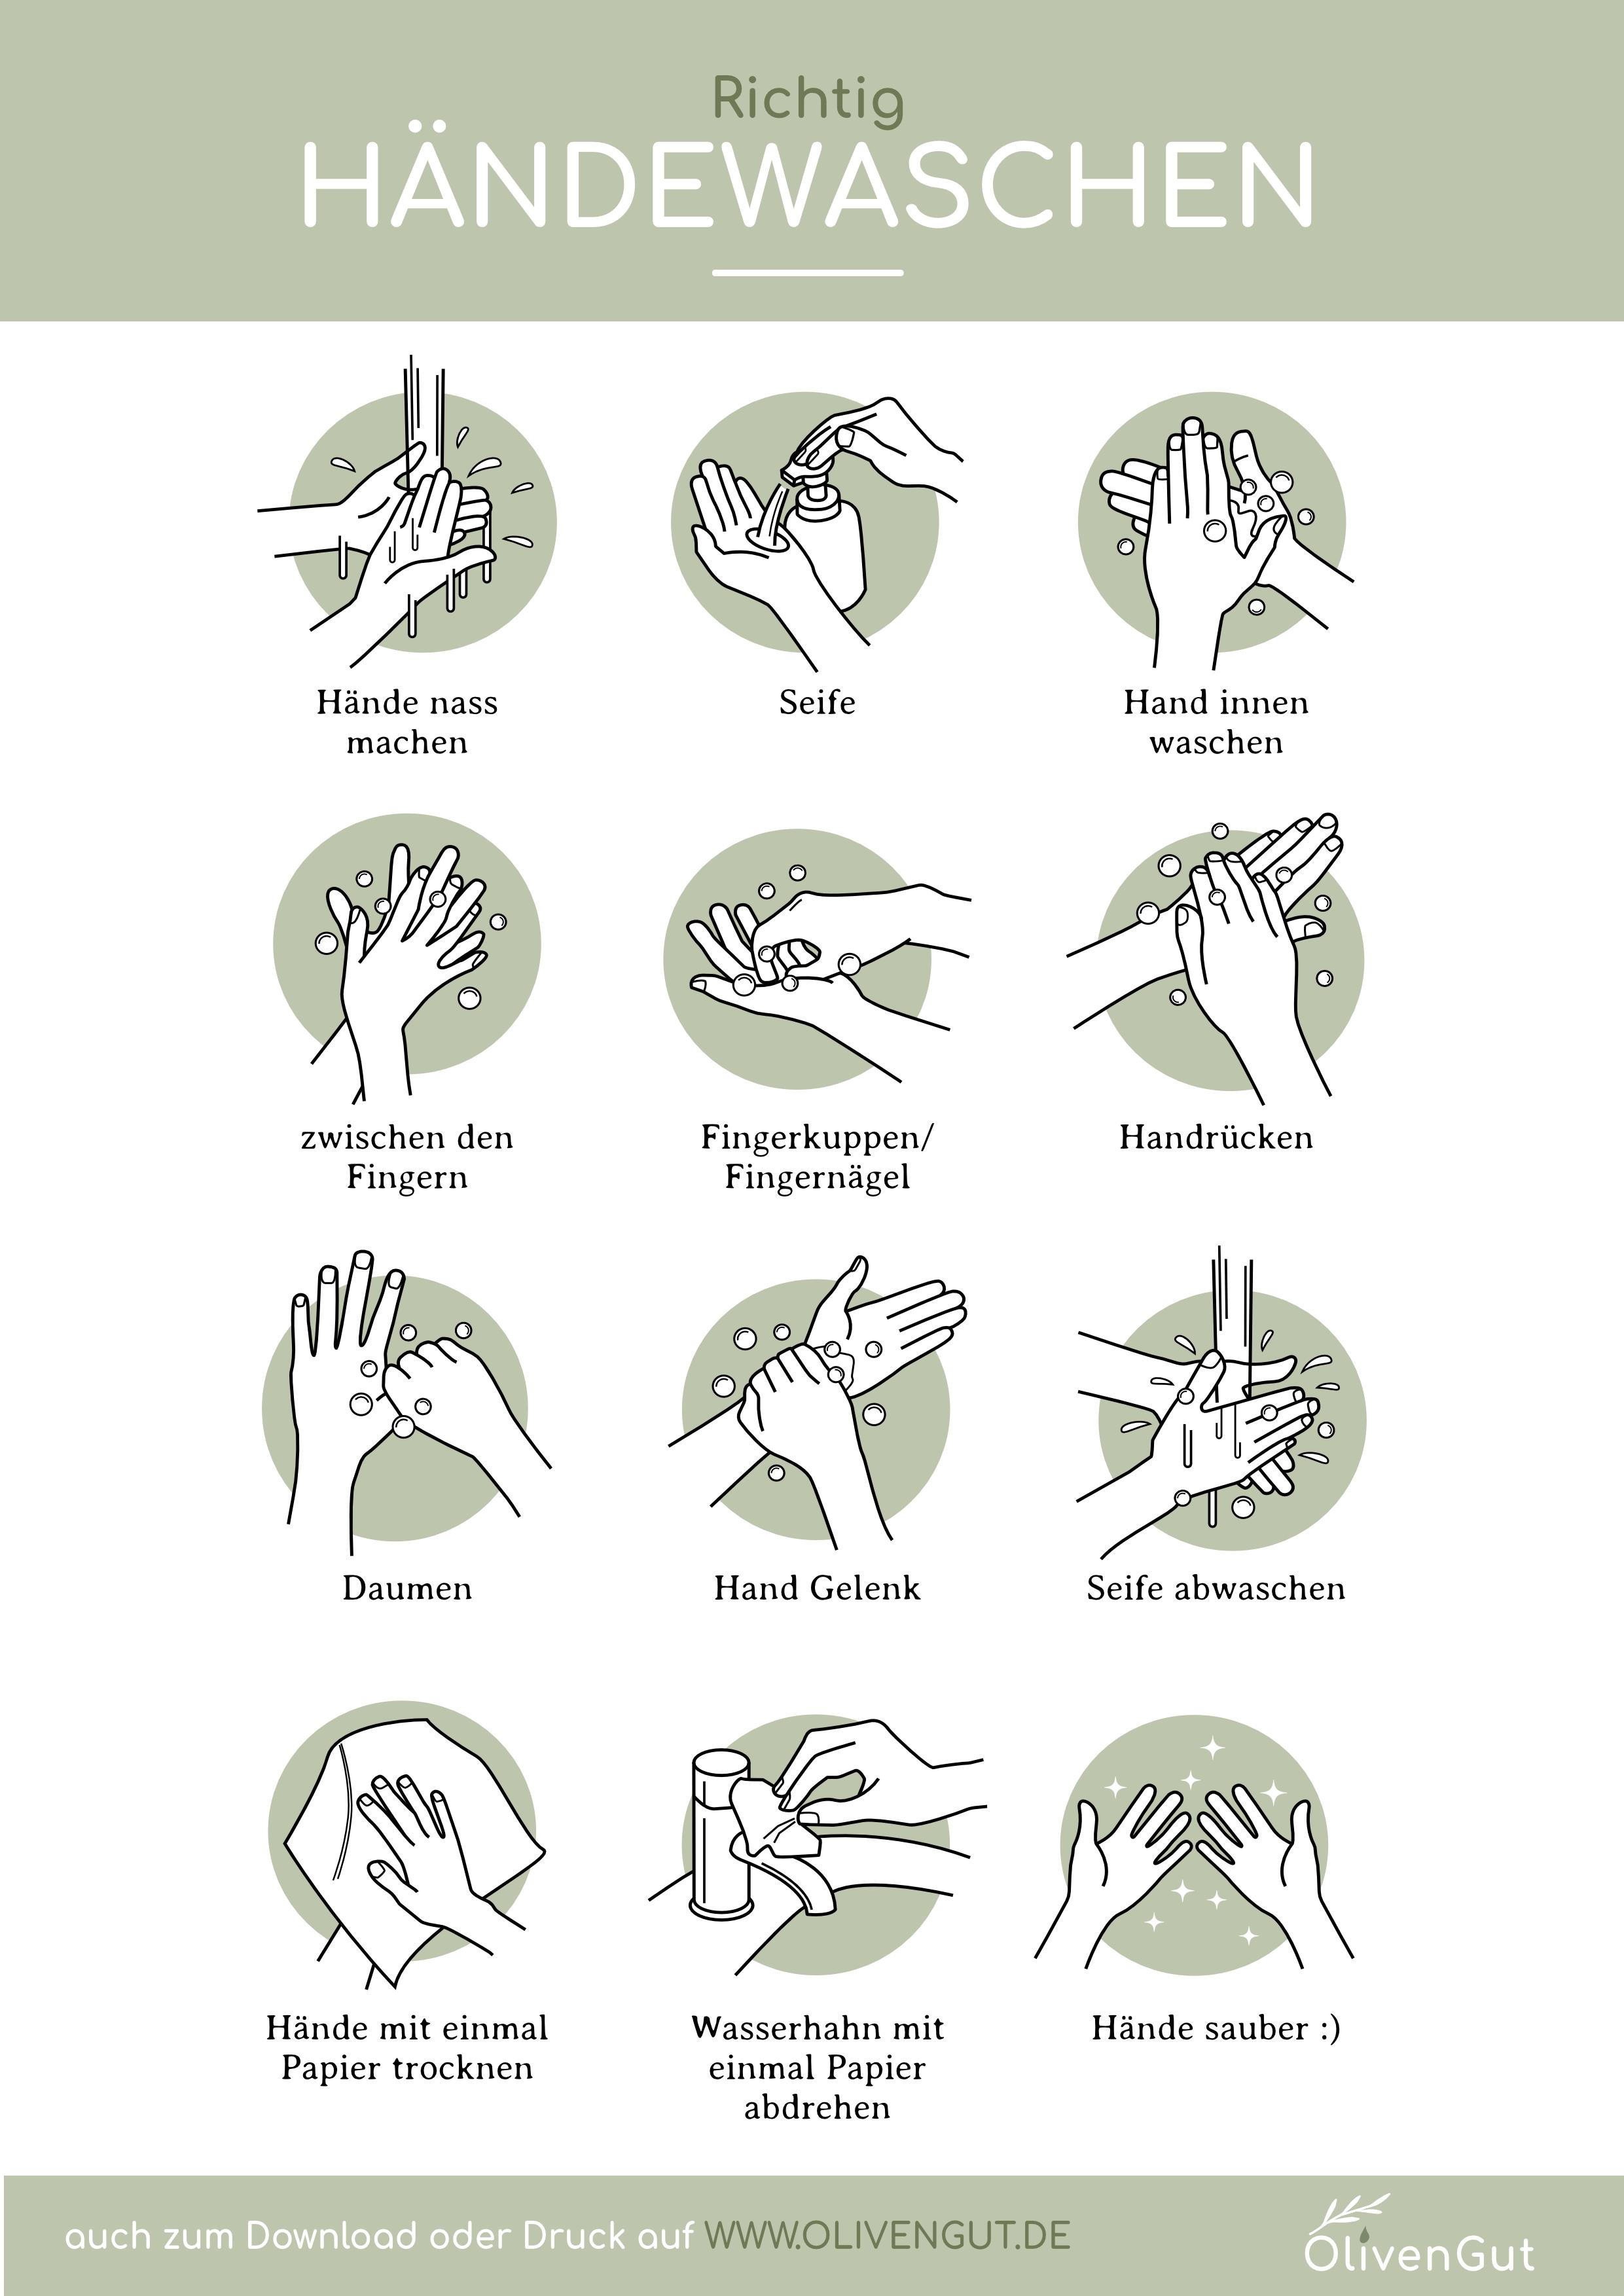 Richtig-Händewaschen_Infografik